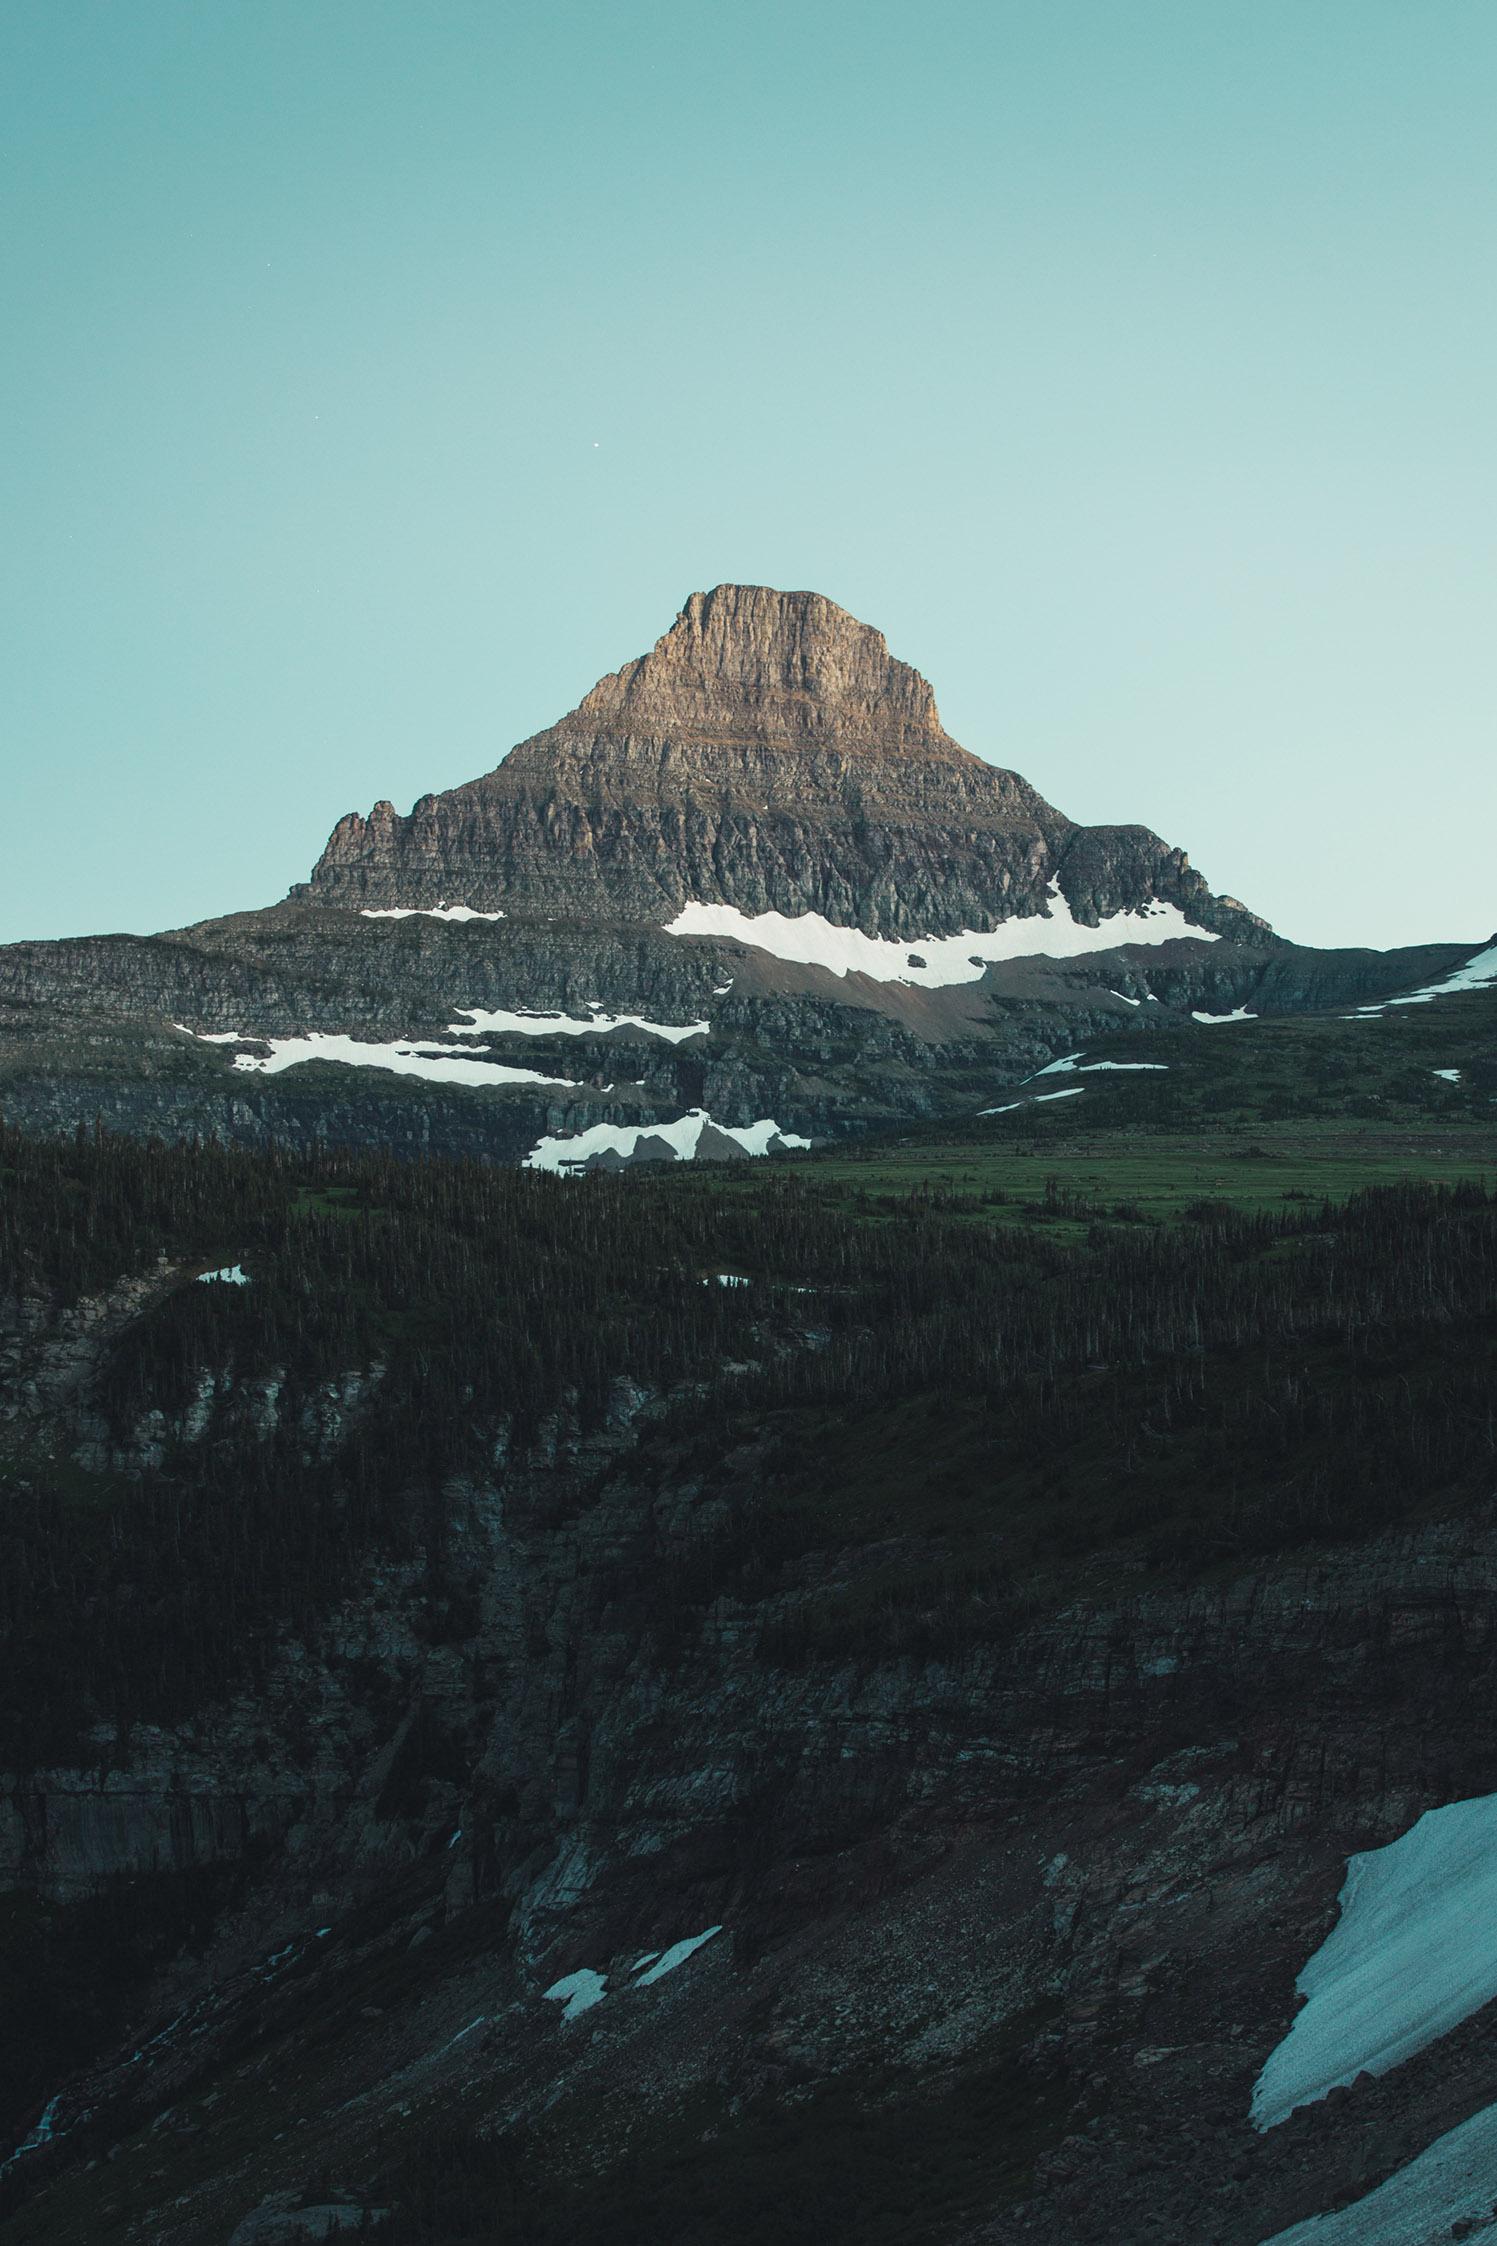 glacier-national-park-summer-sunset-dusk-blue-hour-peak.jpg